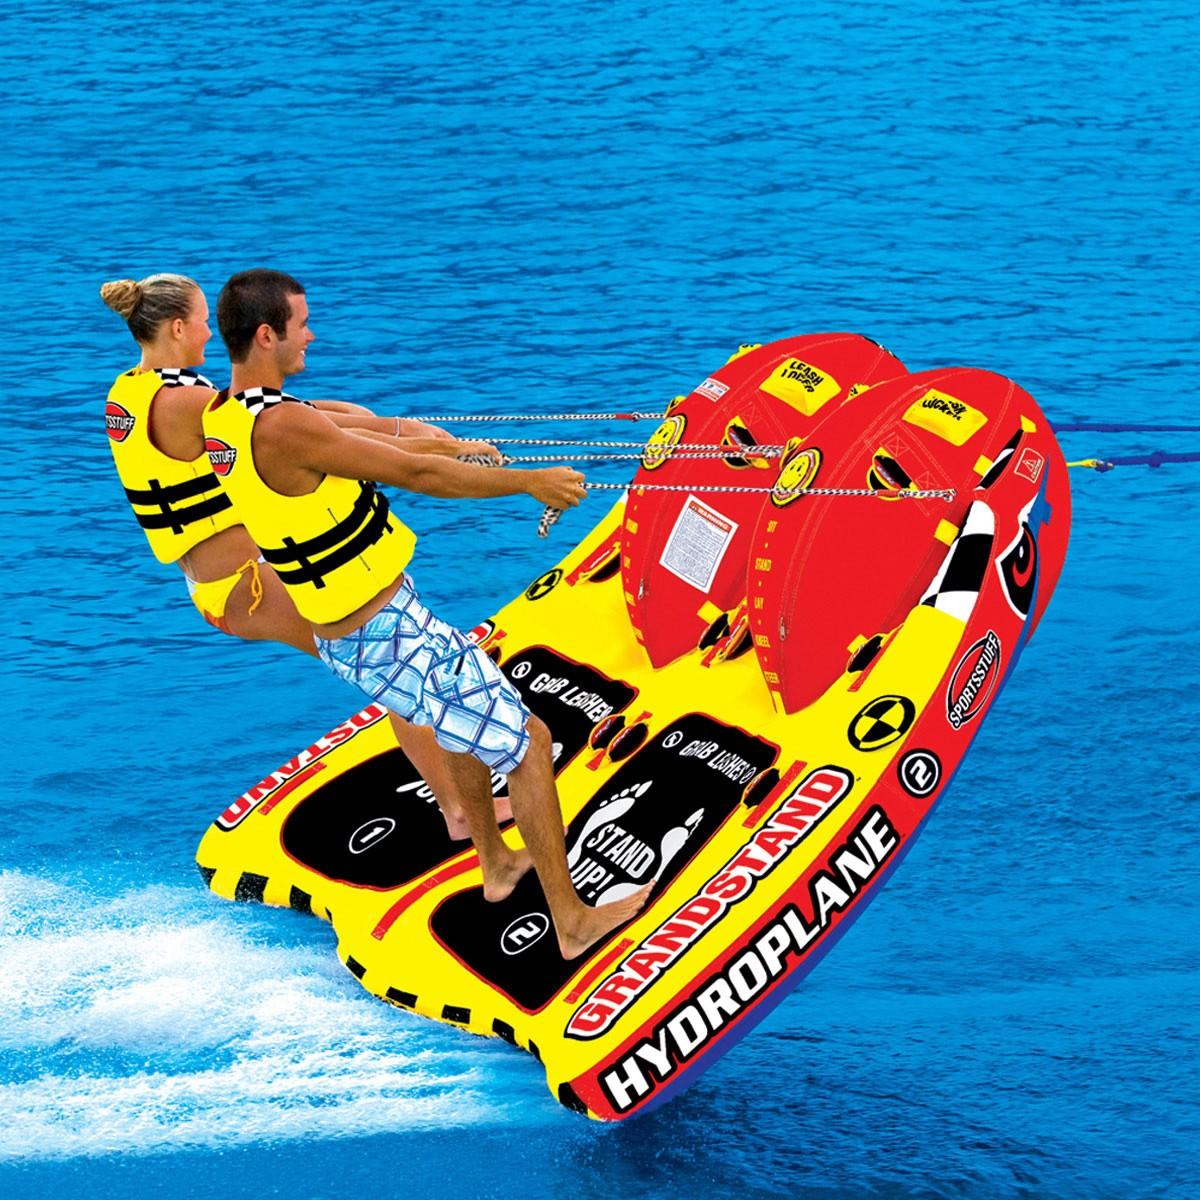 2019 トーイングチューブ バナナボート SPORTSSTUFF スポーツスタッフ GRANDSTAND 2 グランドスタンド2 2人乗り